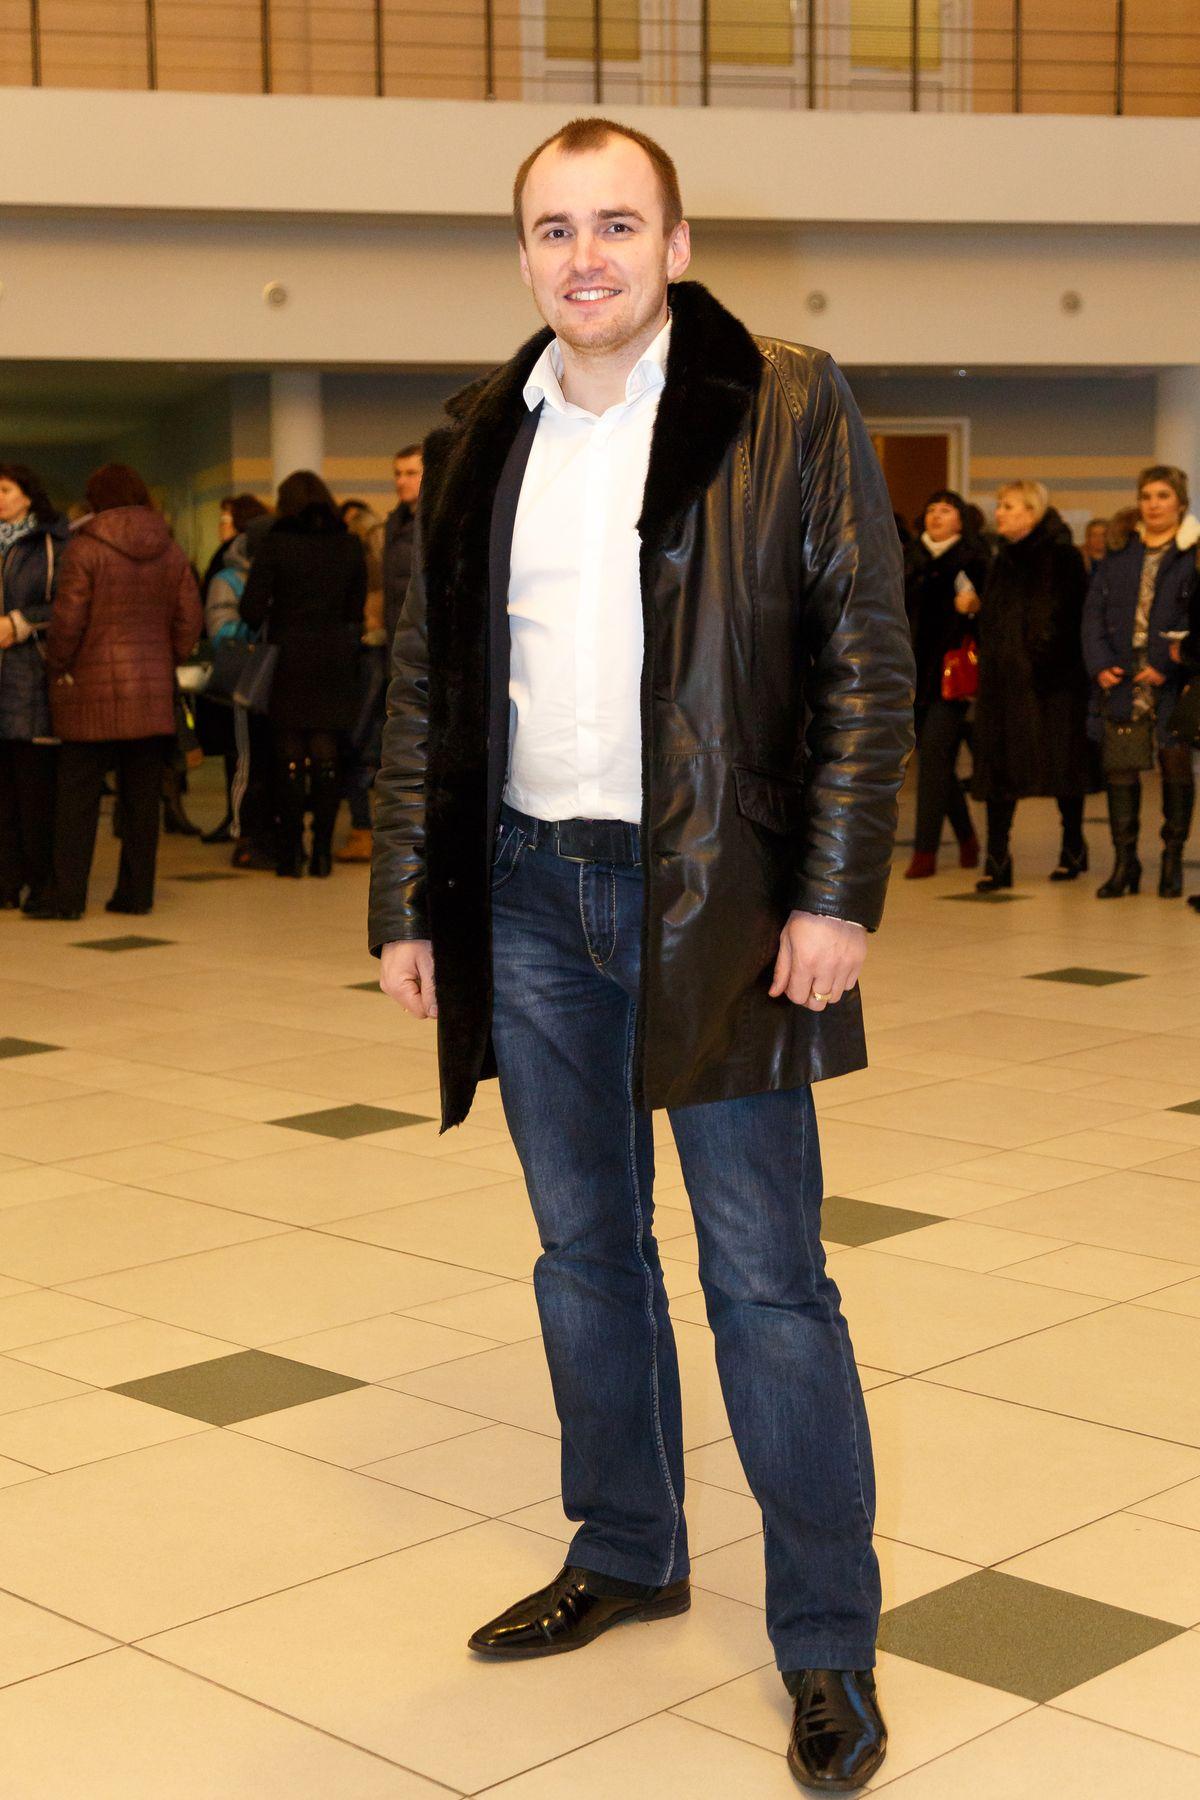 Александр перед началом концерта. Фото: Александр КОРОБ